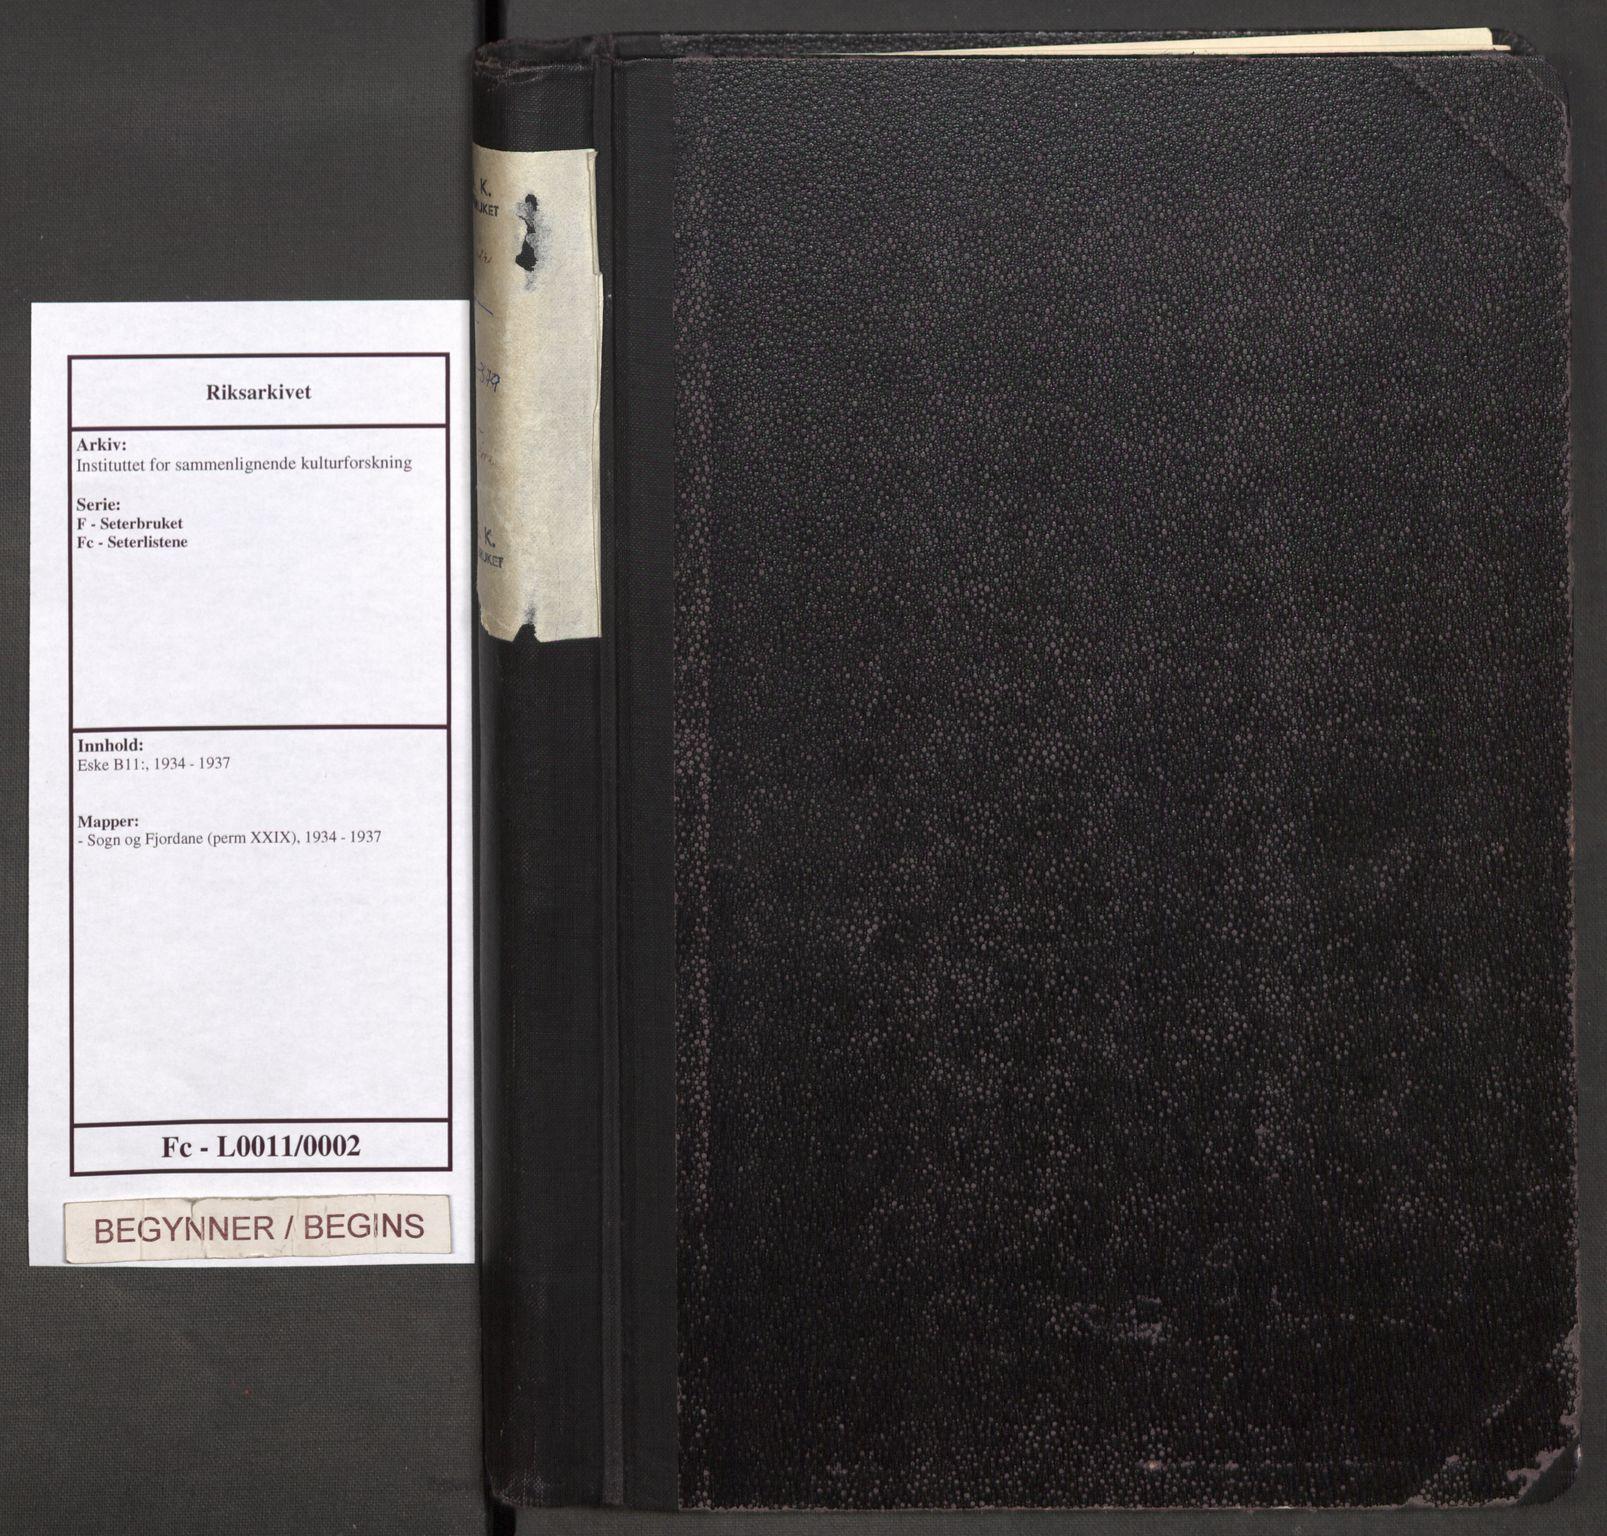 RA, Instituttet for sammenlignende kulturforskning, F/Fc/L0011: Eske B11:, 1934-1937, s. upaginert